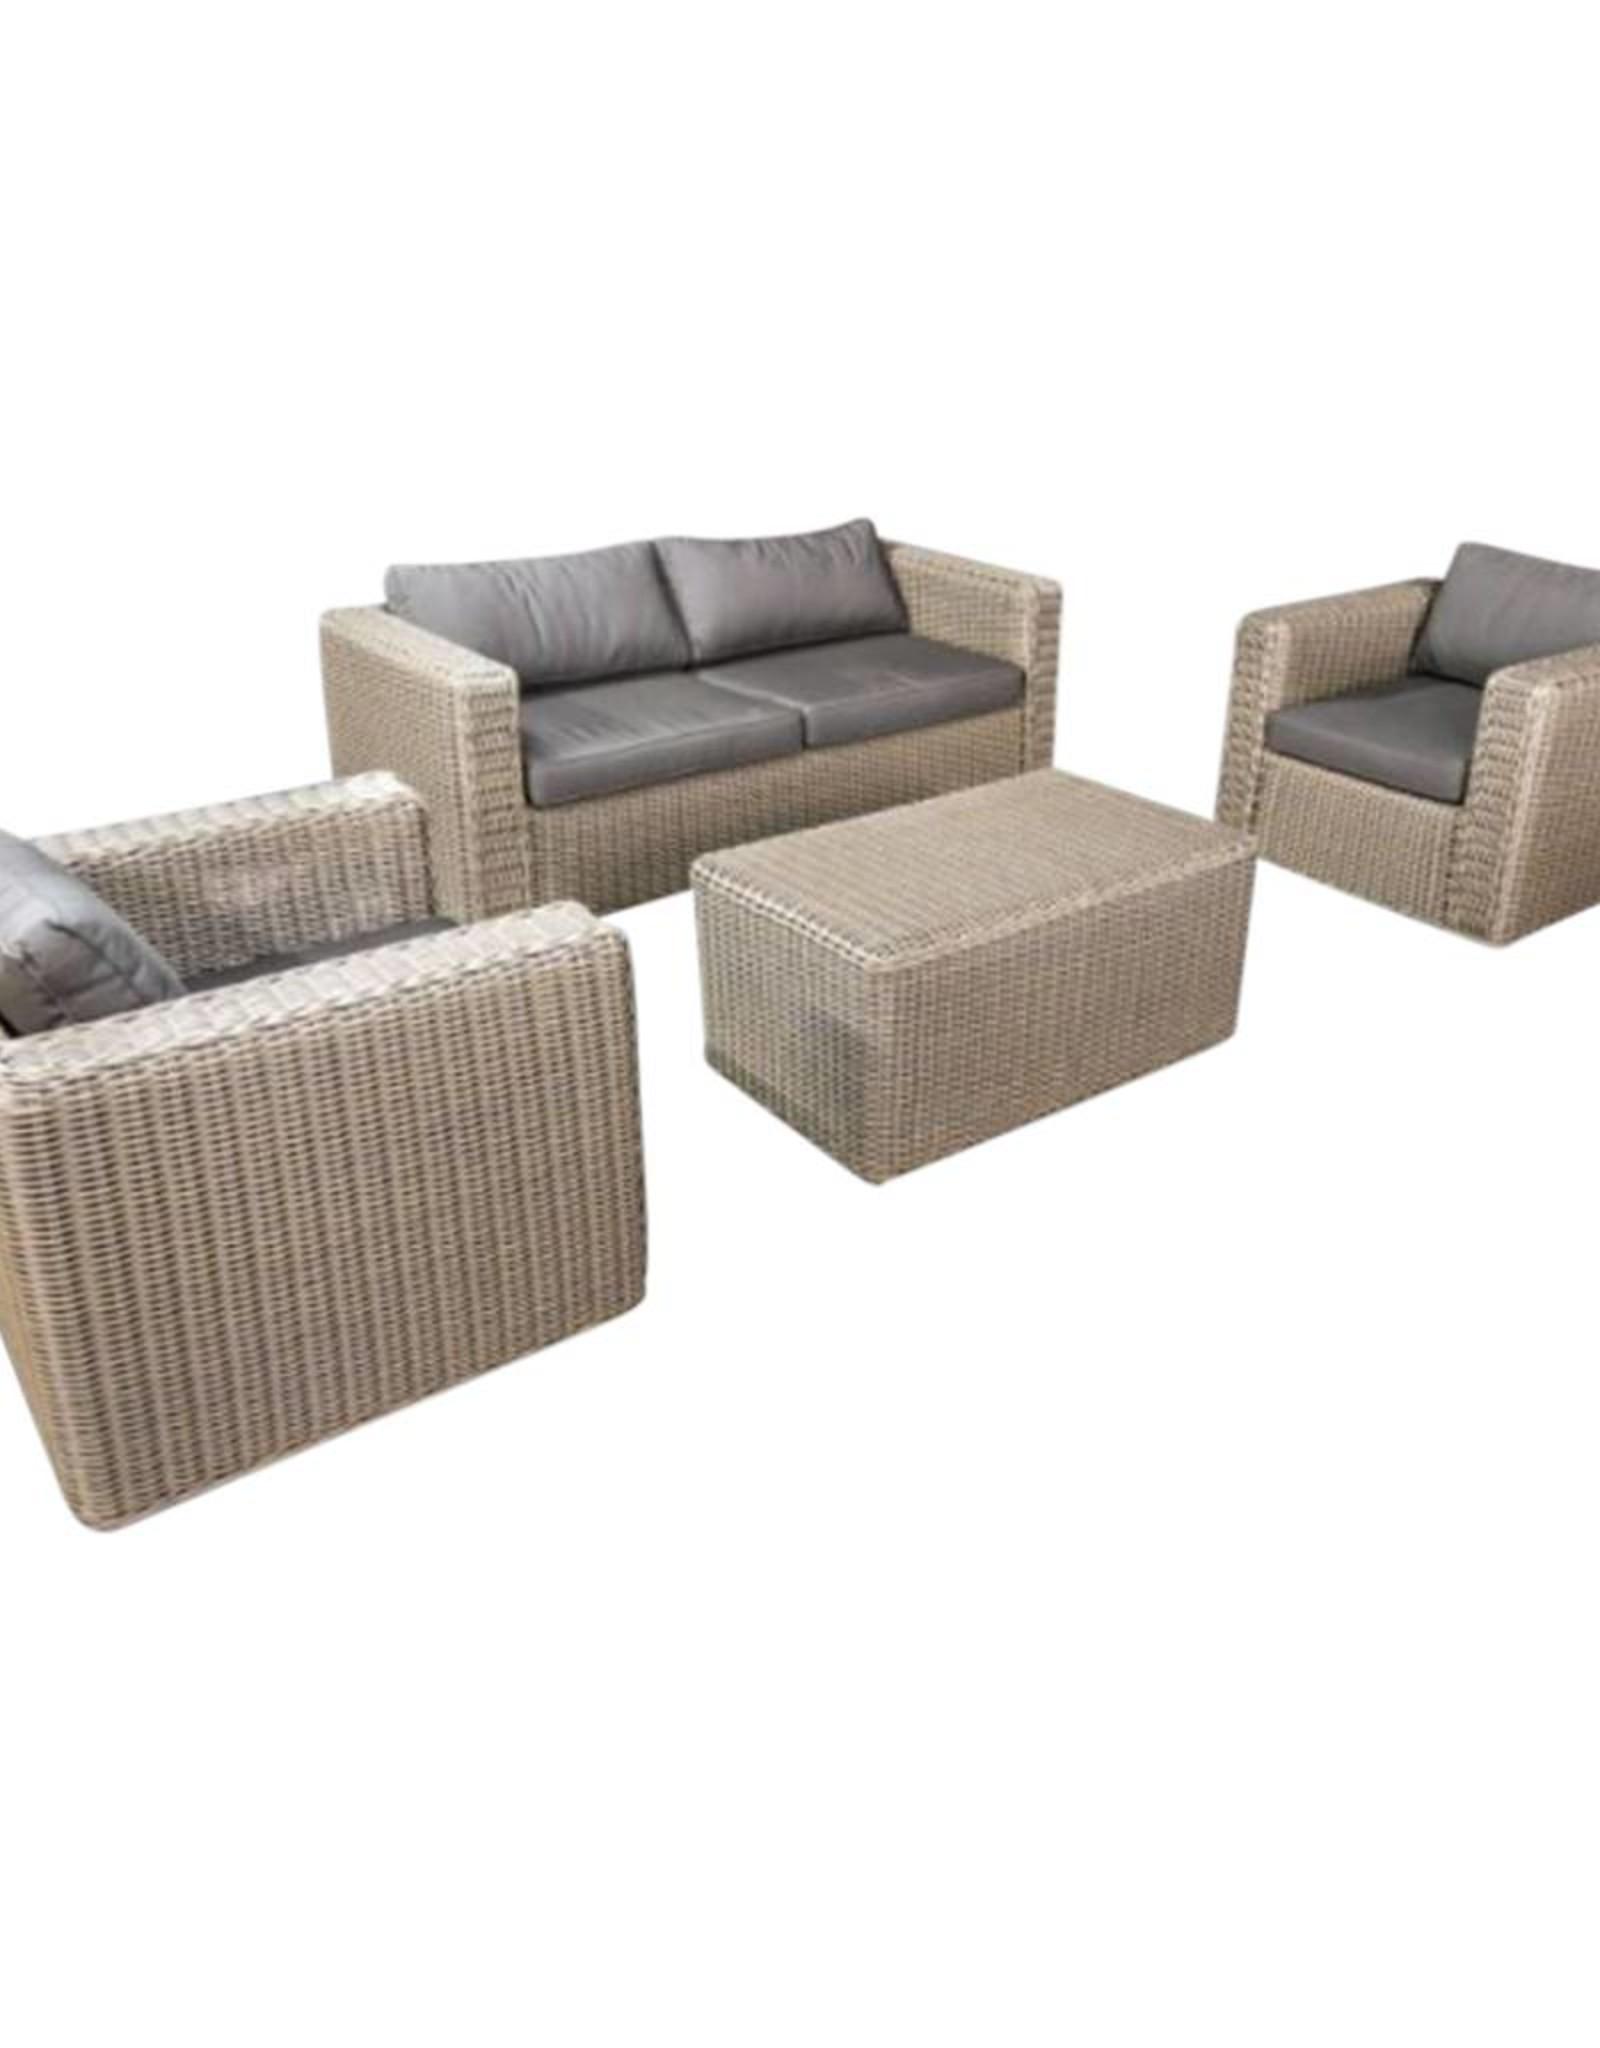 Toscani lounge ensemble (mws-003.001)